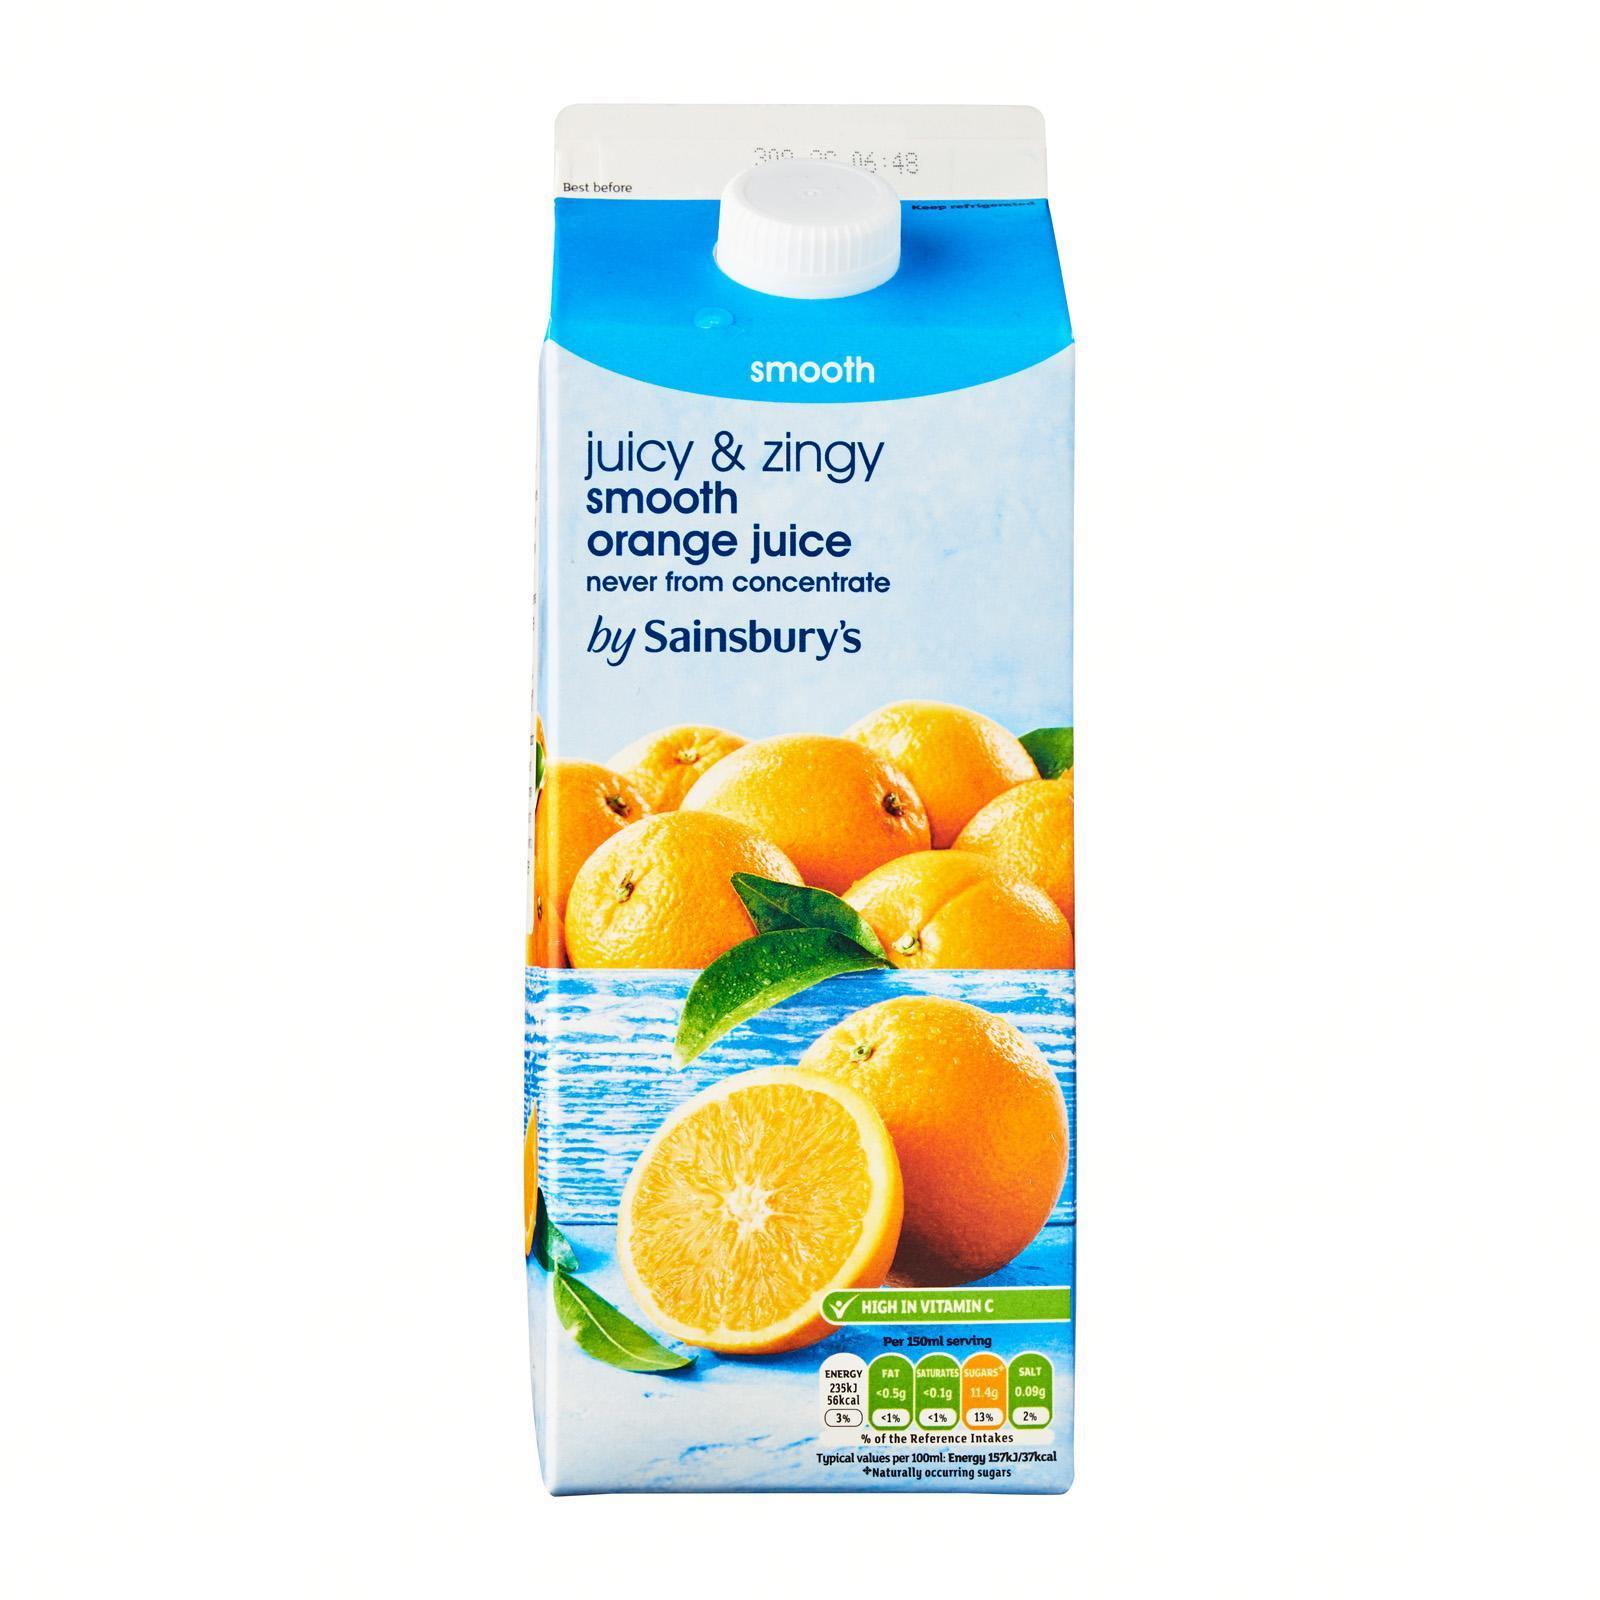 Sainsbury's Smooth Orange Juice